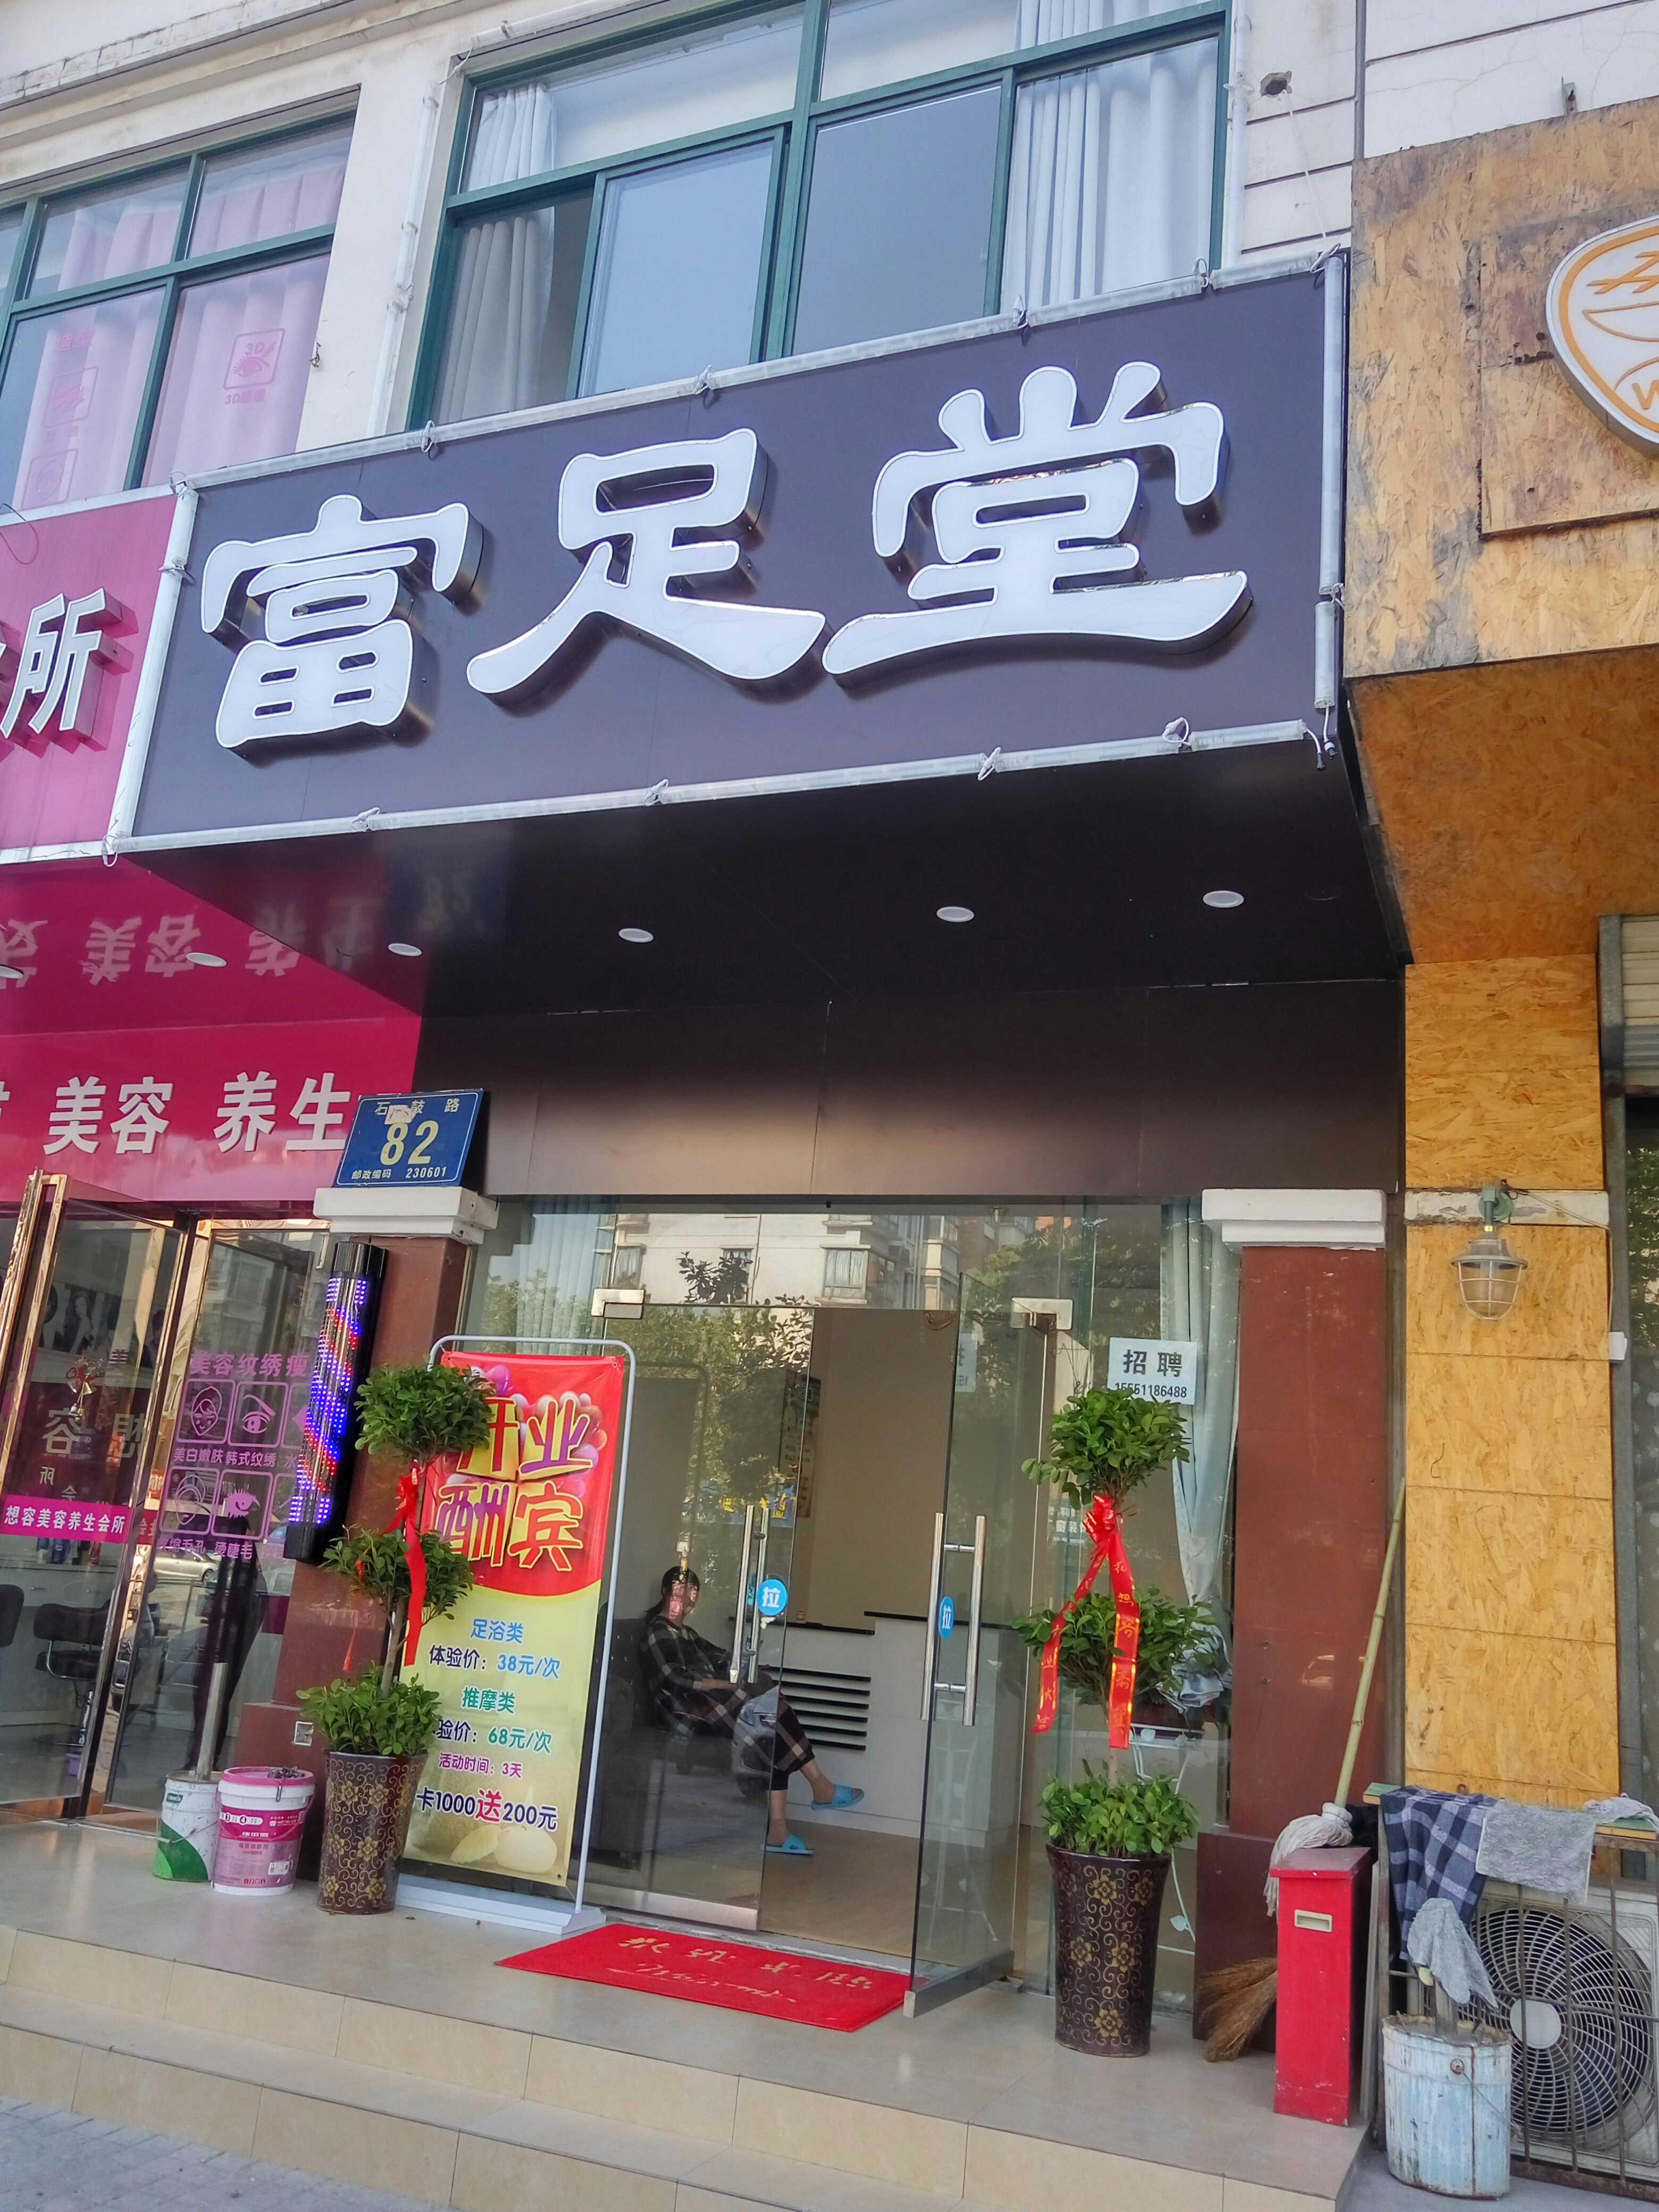 hefei bolt. a kapu 铝塑 elkészített hefe egyedi digitális cső 亚克力 világító szó